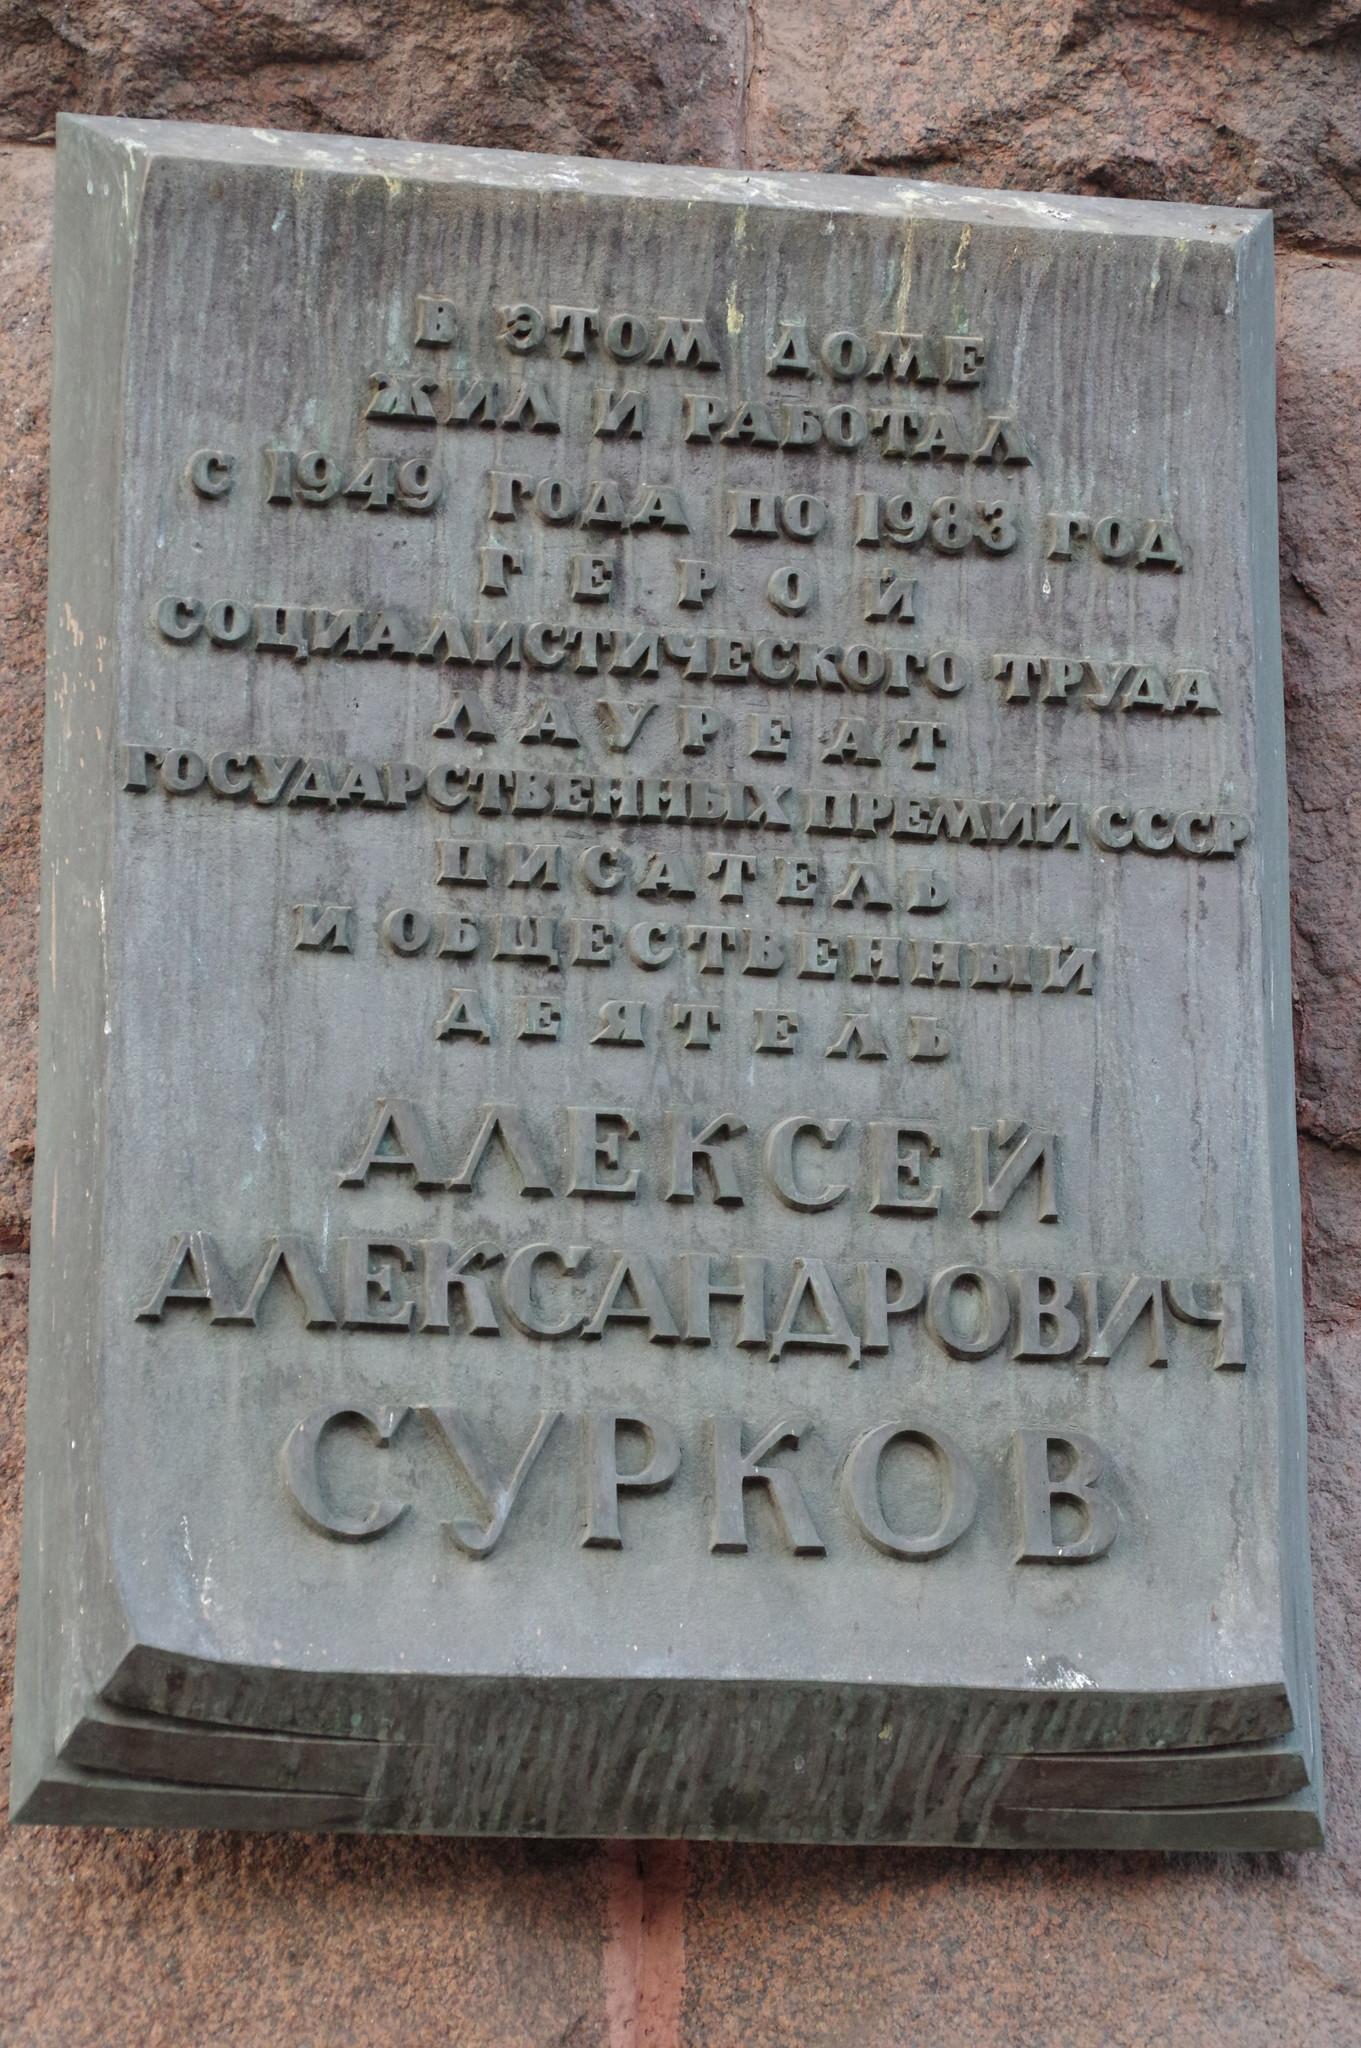 Мемориальная доска на фасаде дома (Тверская улица, дом 19), где с 1949 года по 1983 год жил и работал писатель и общественный деятель Алексей Александрович Сурков